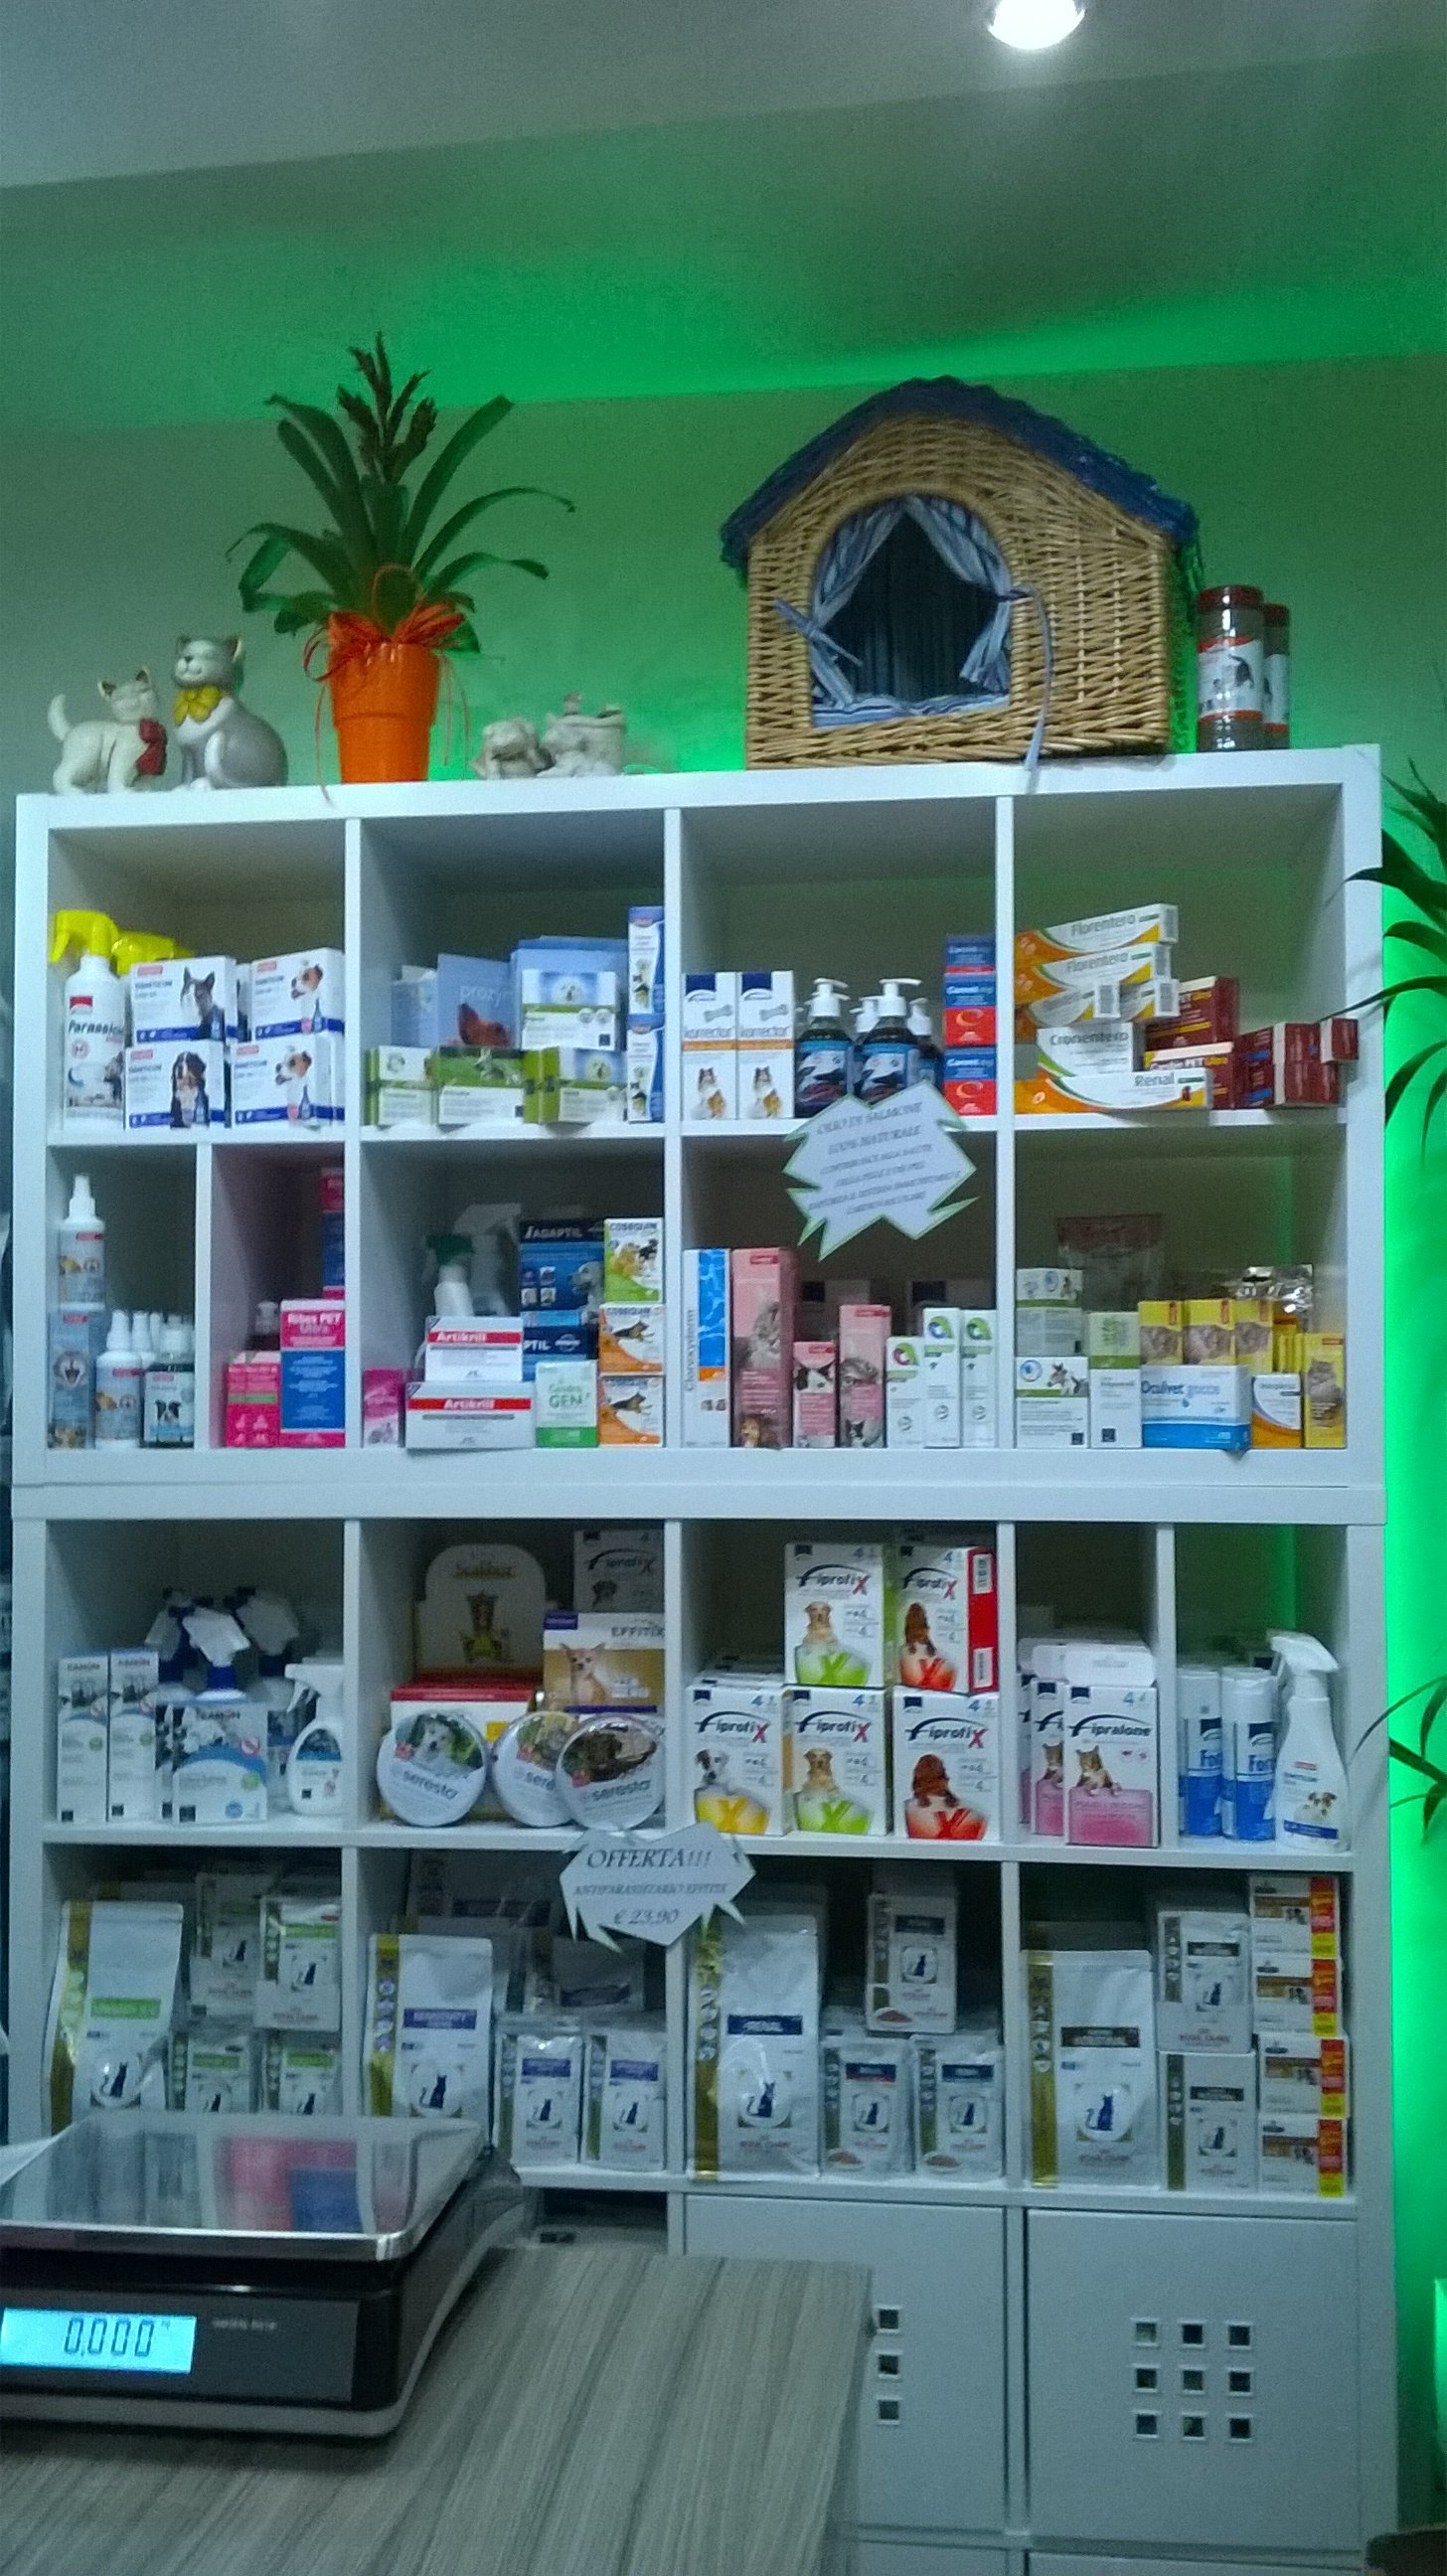 Farmaci per animali esposti negli scaffali